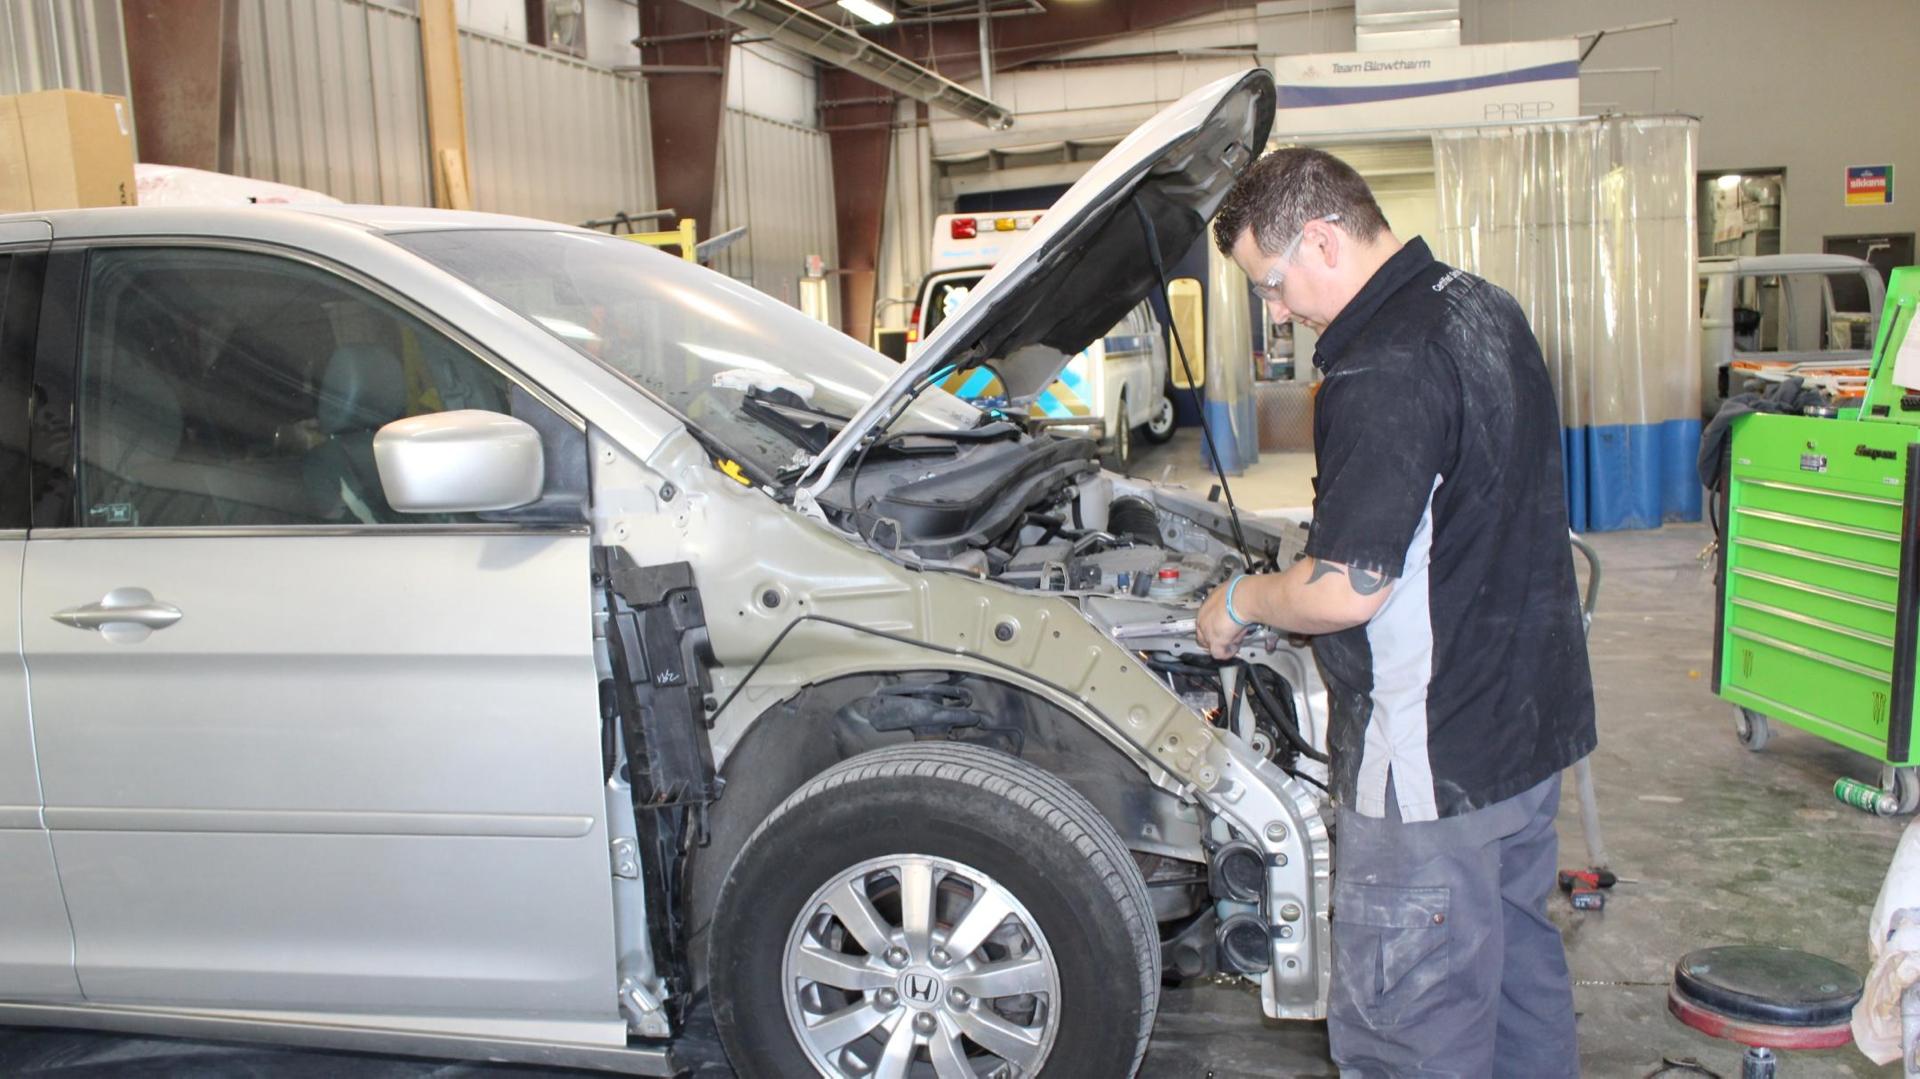 engine body of hood mid-repair